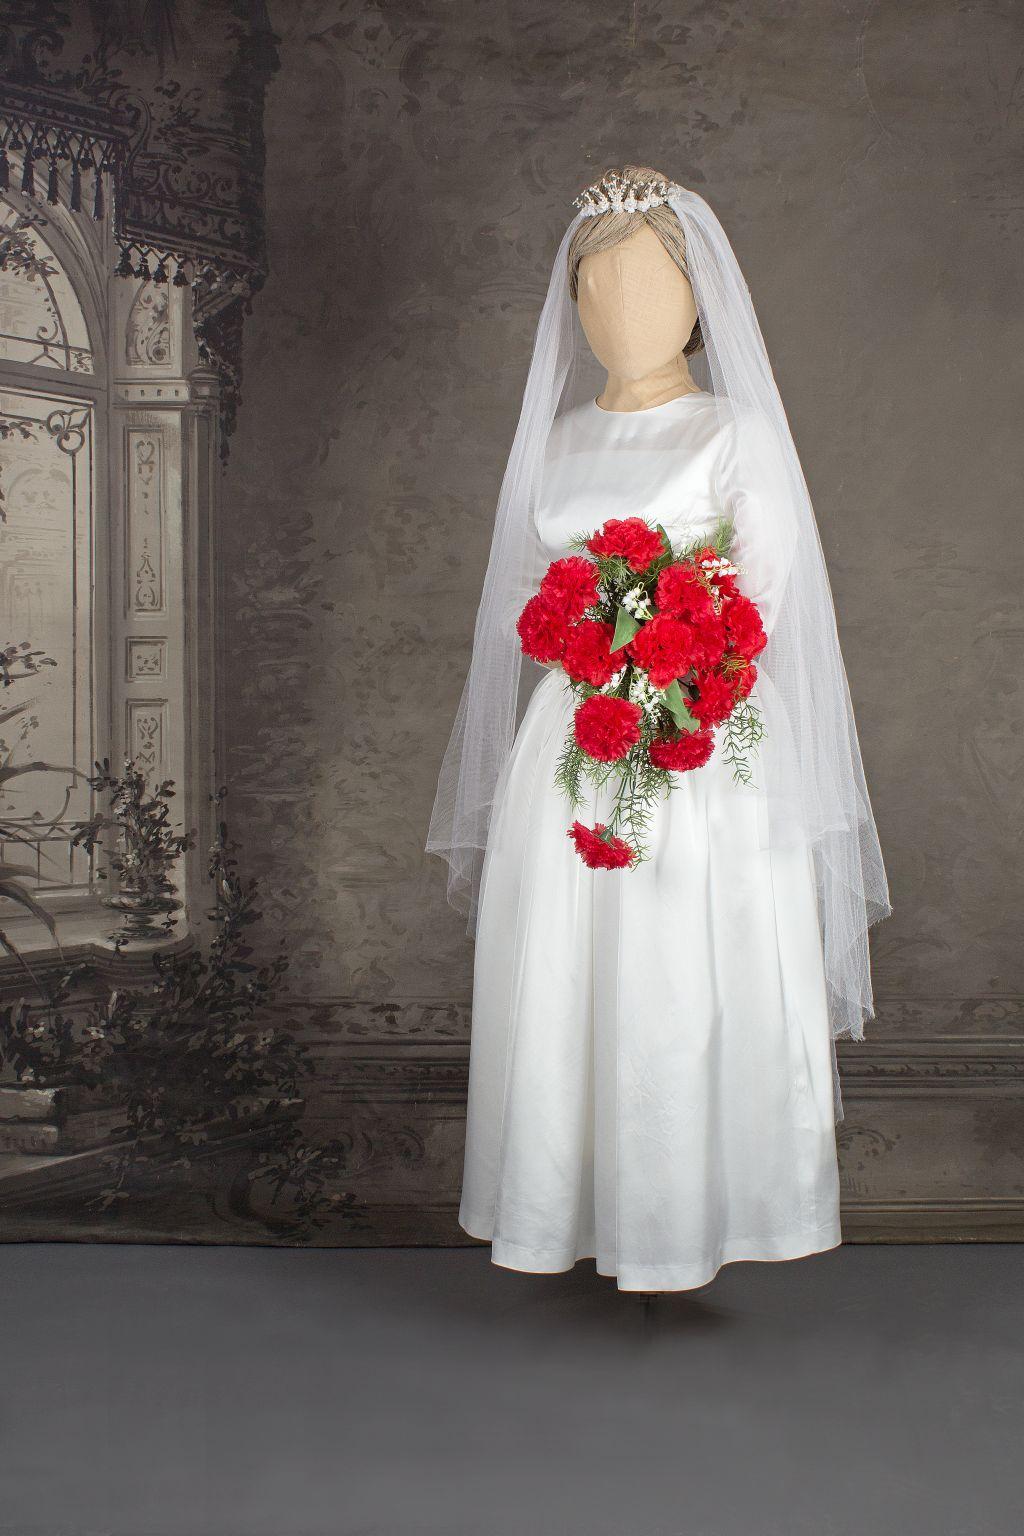 Mallinuken päällä valkea hääpuku. Kädessä kimppu punaisista neilikoista. Häät 1962